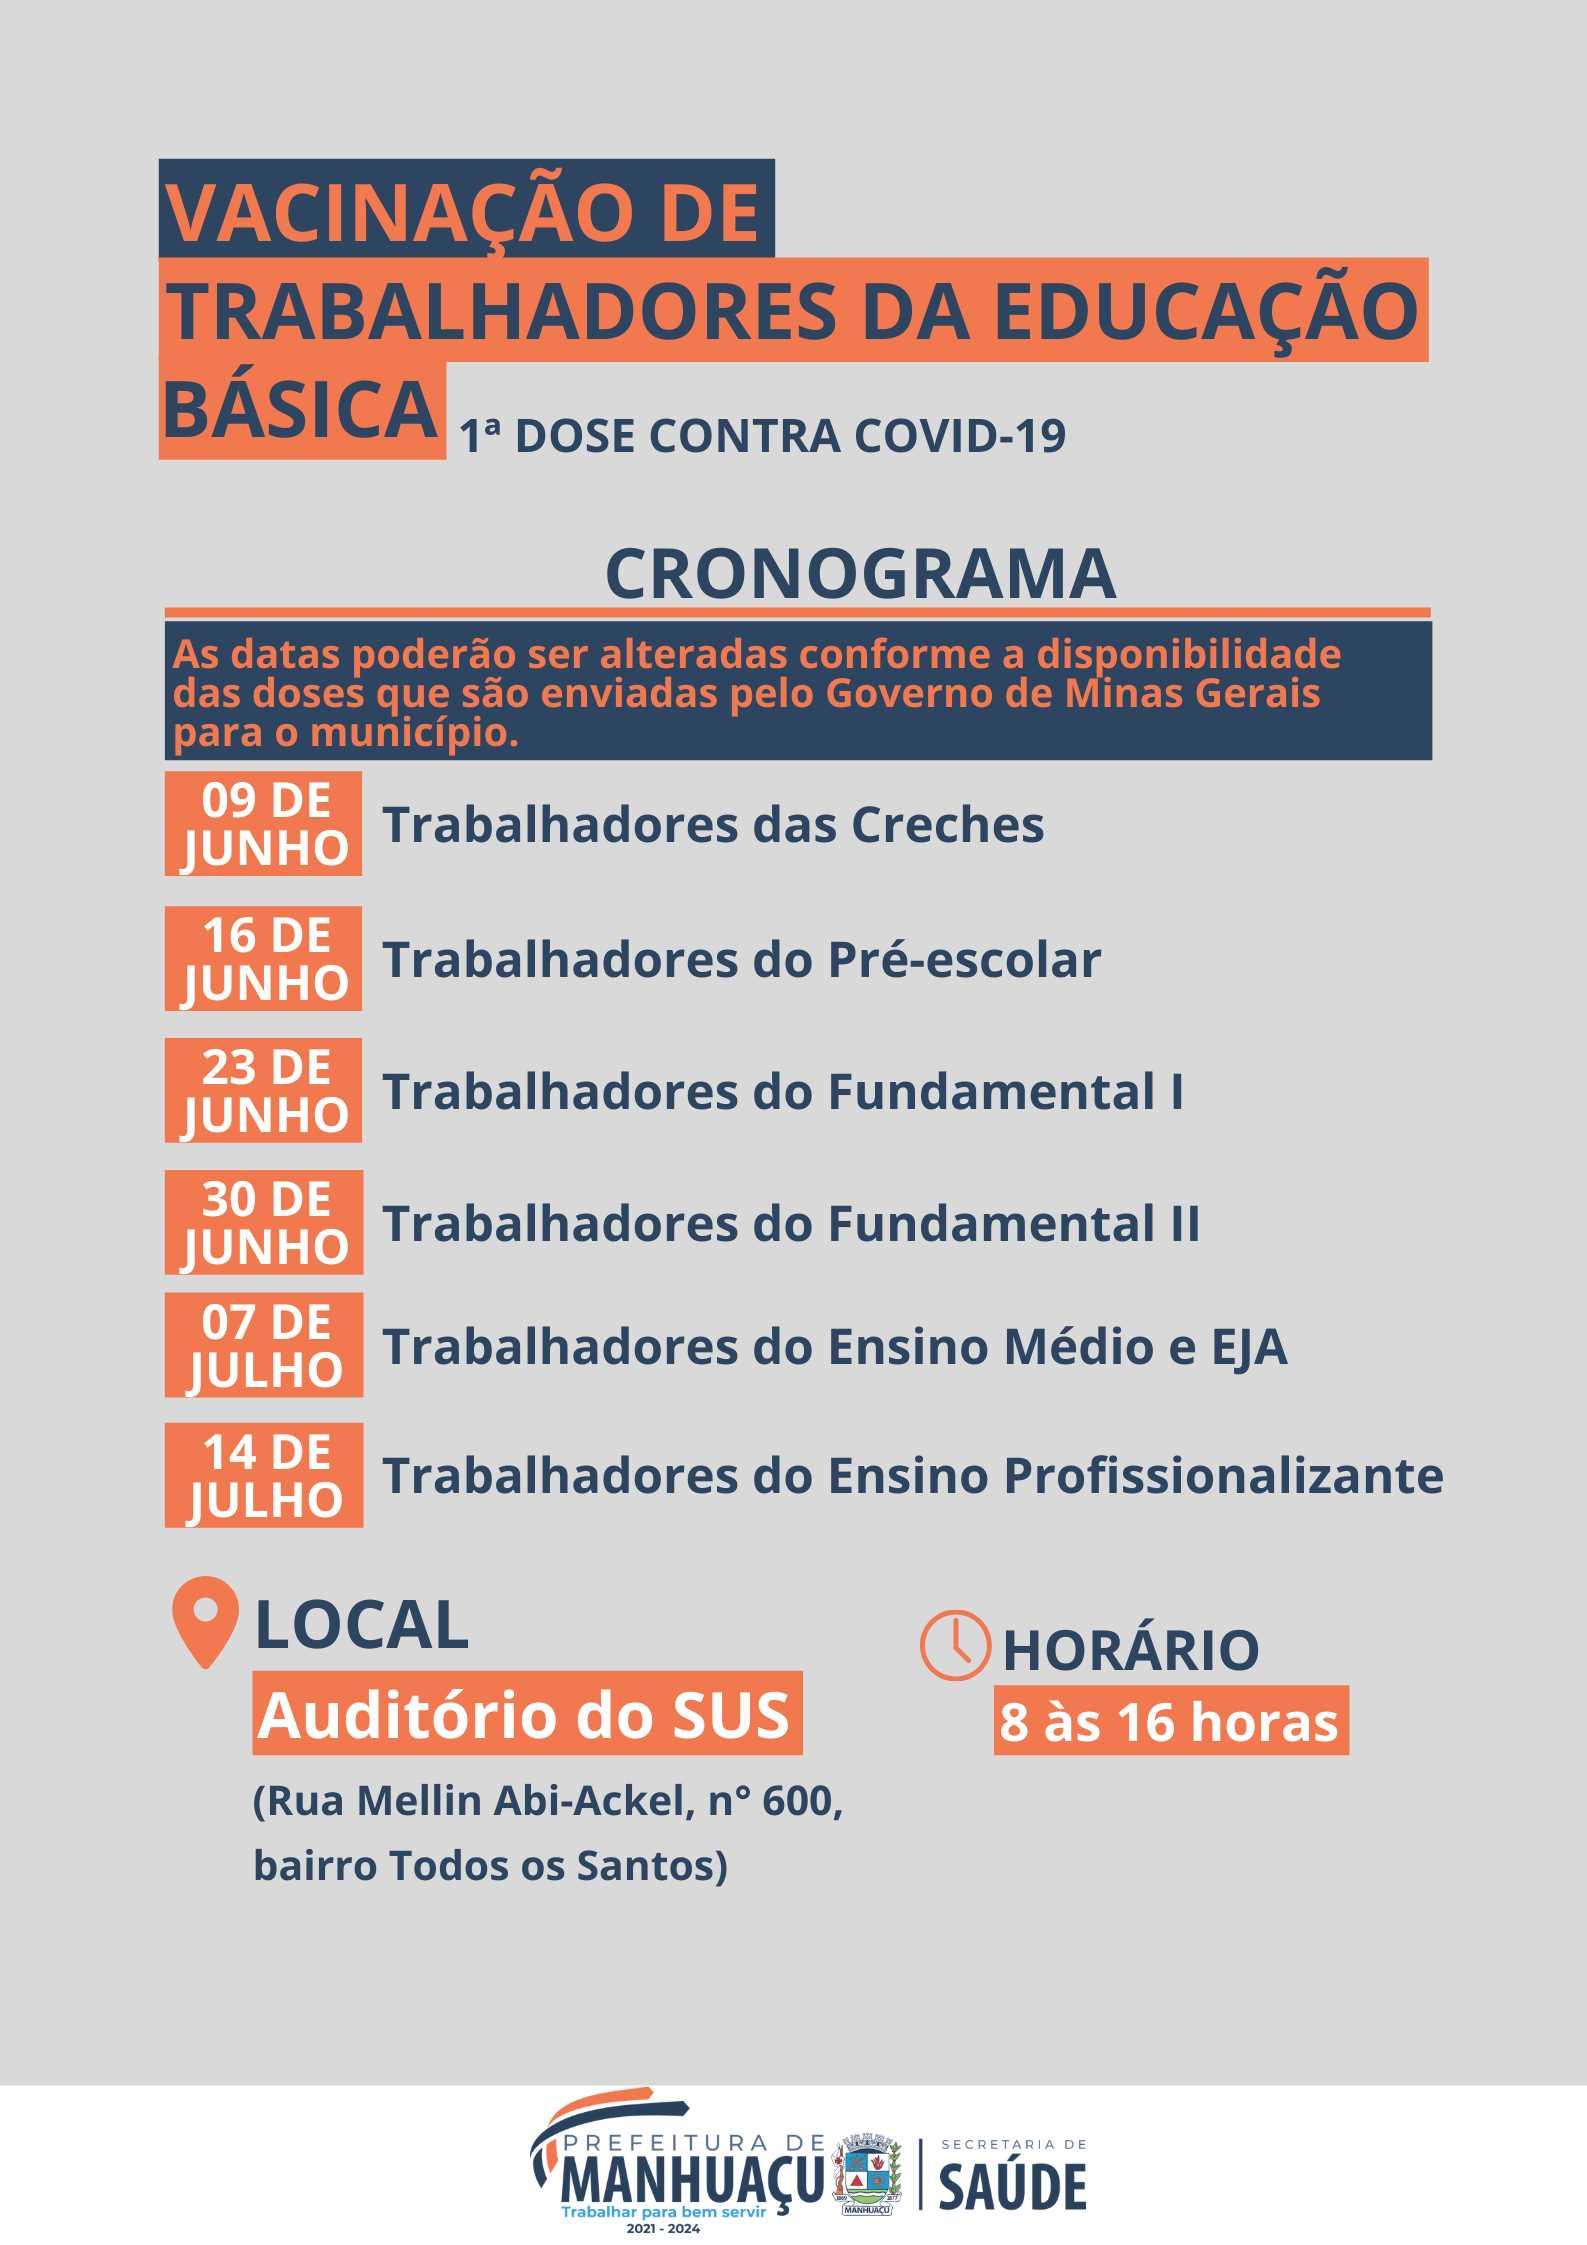 Prefeitura Municipal De Manhuacu Prefeitura De Manhuacu Divulga Calendario De Vacinacao De Trabalhadores Da Educacao Basica